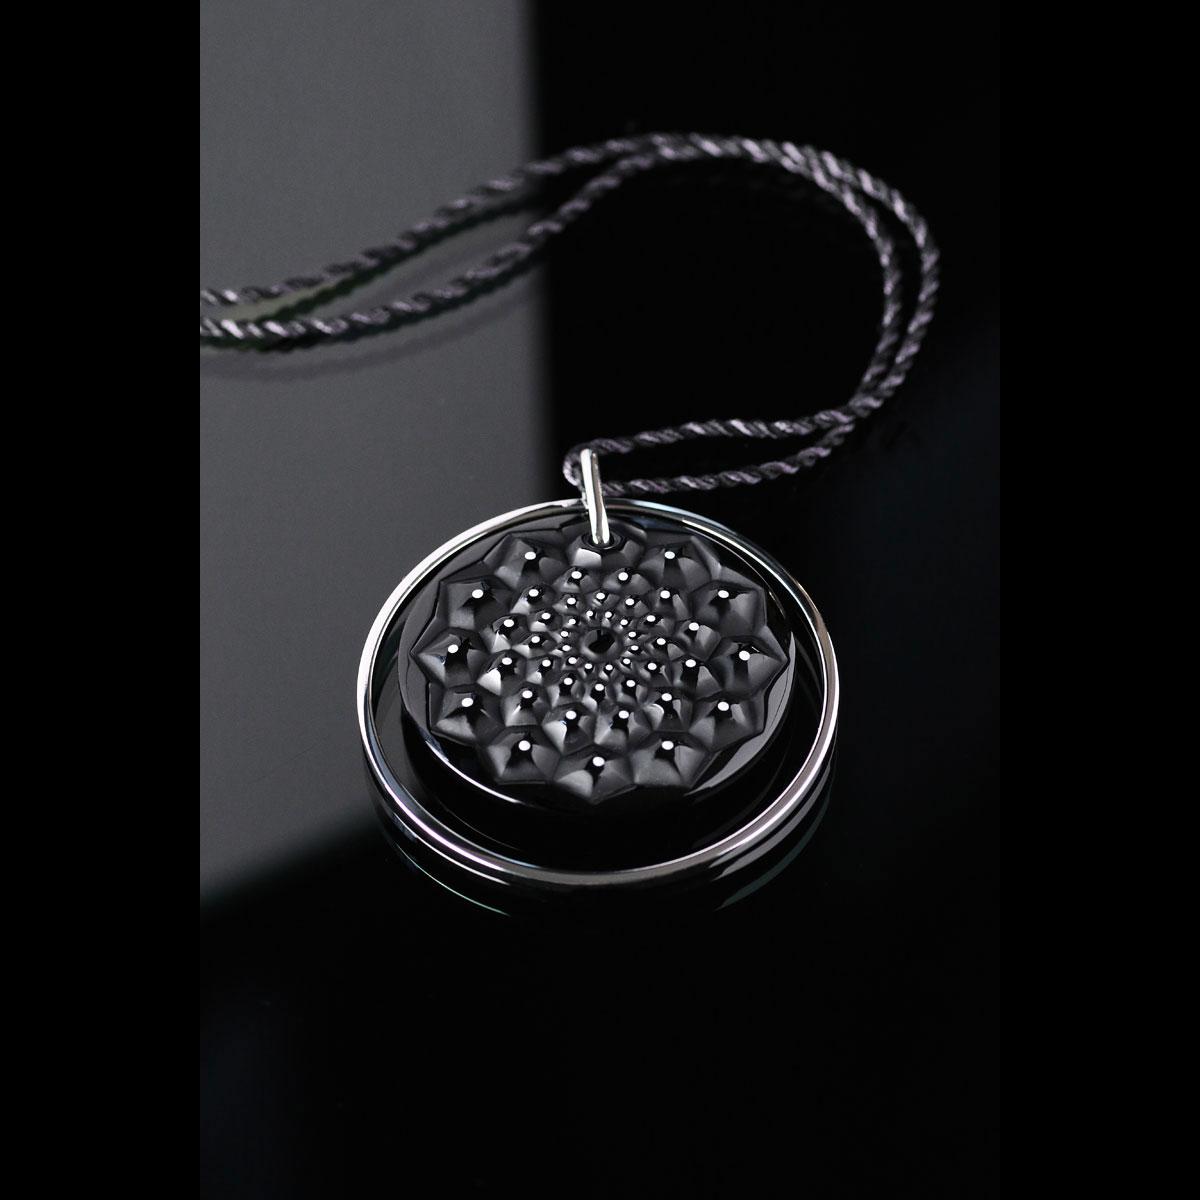 Lalique Crystal Cactus De Lalique Medallion, Black and White Enamel